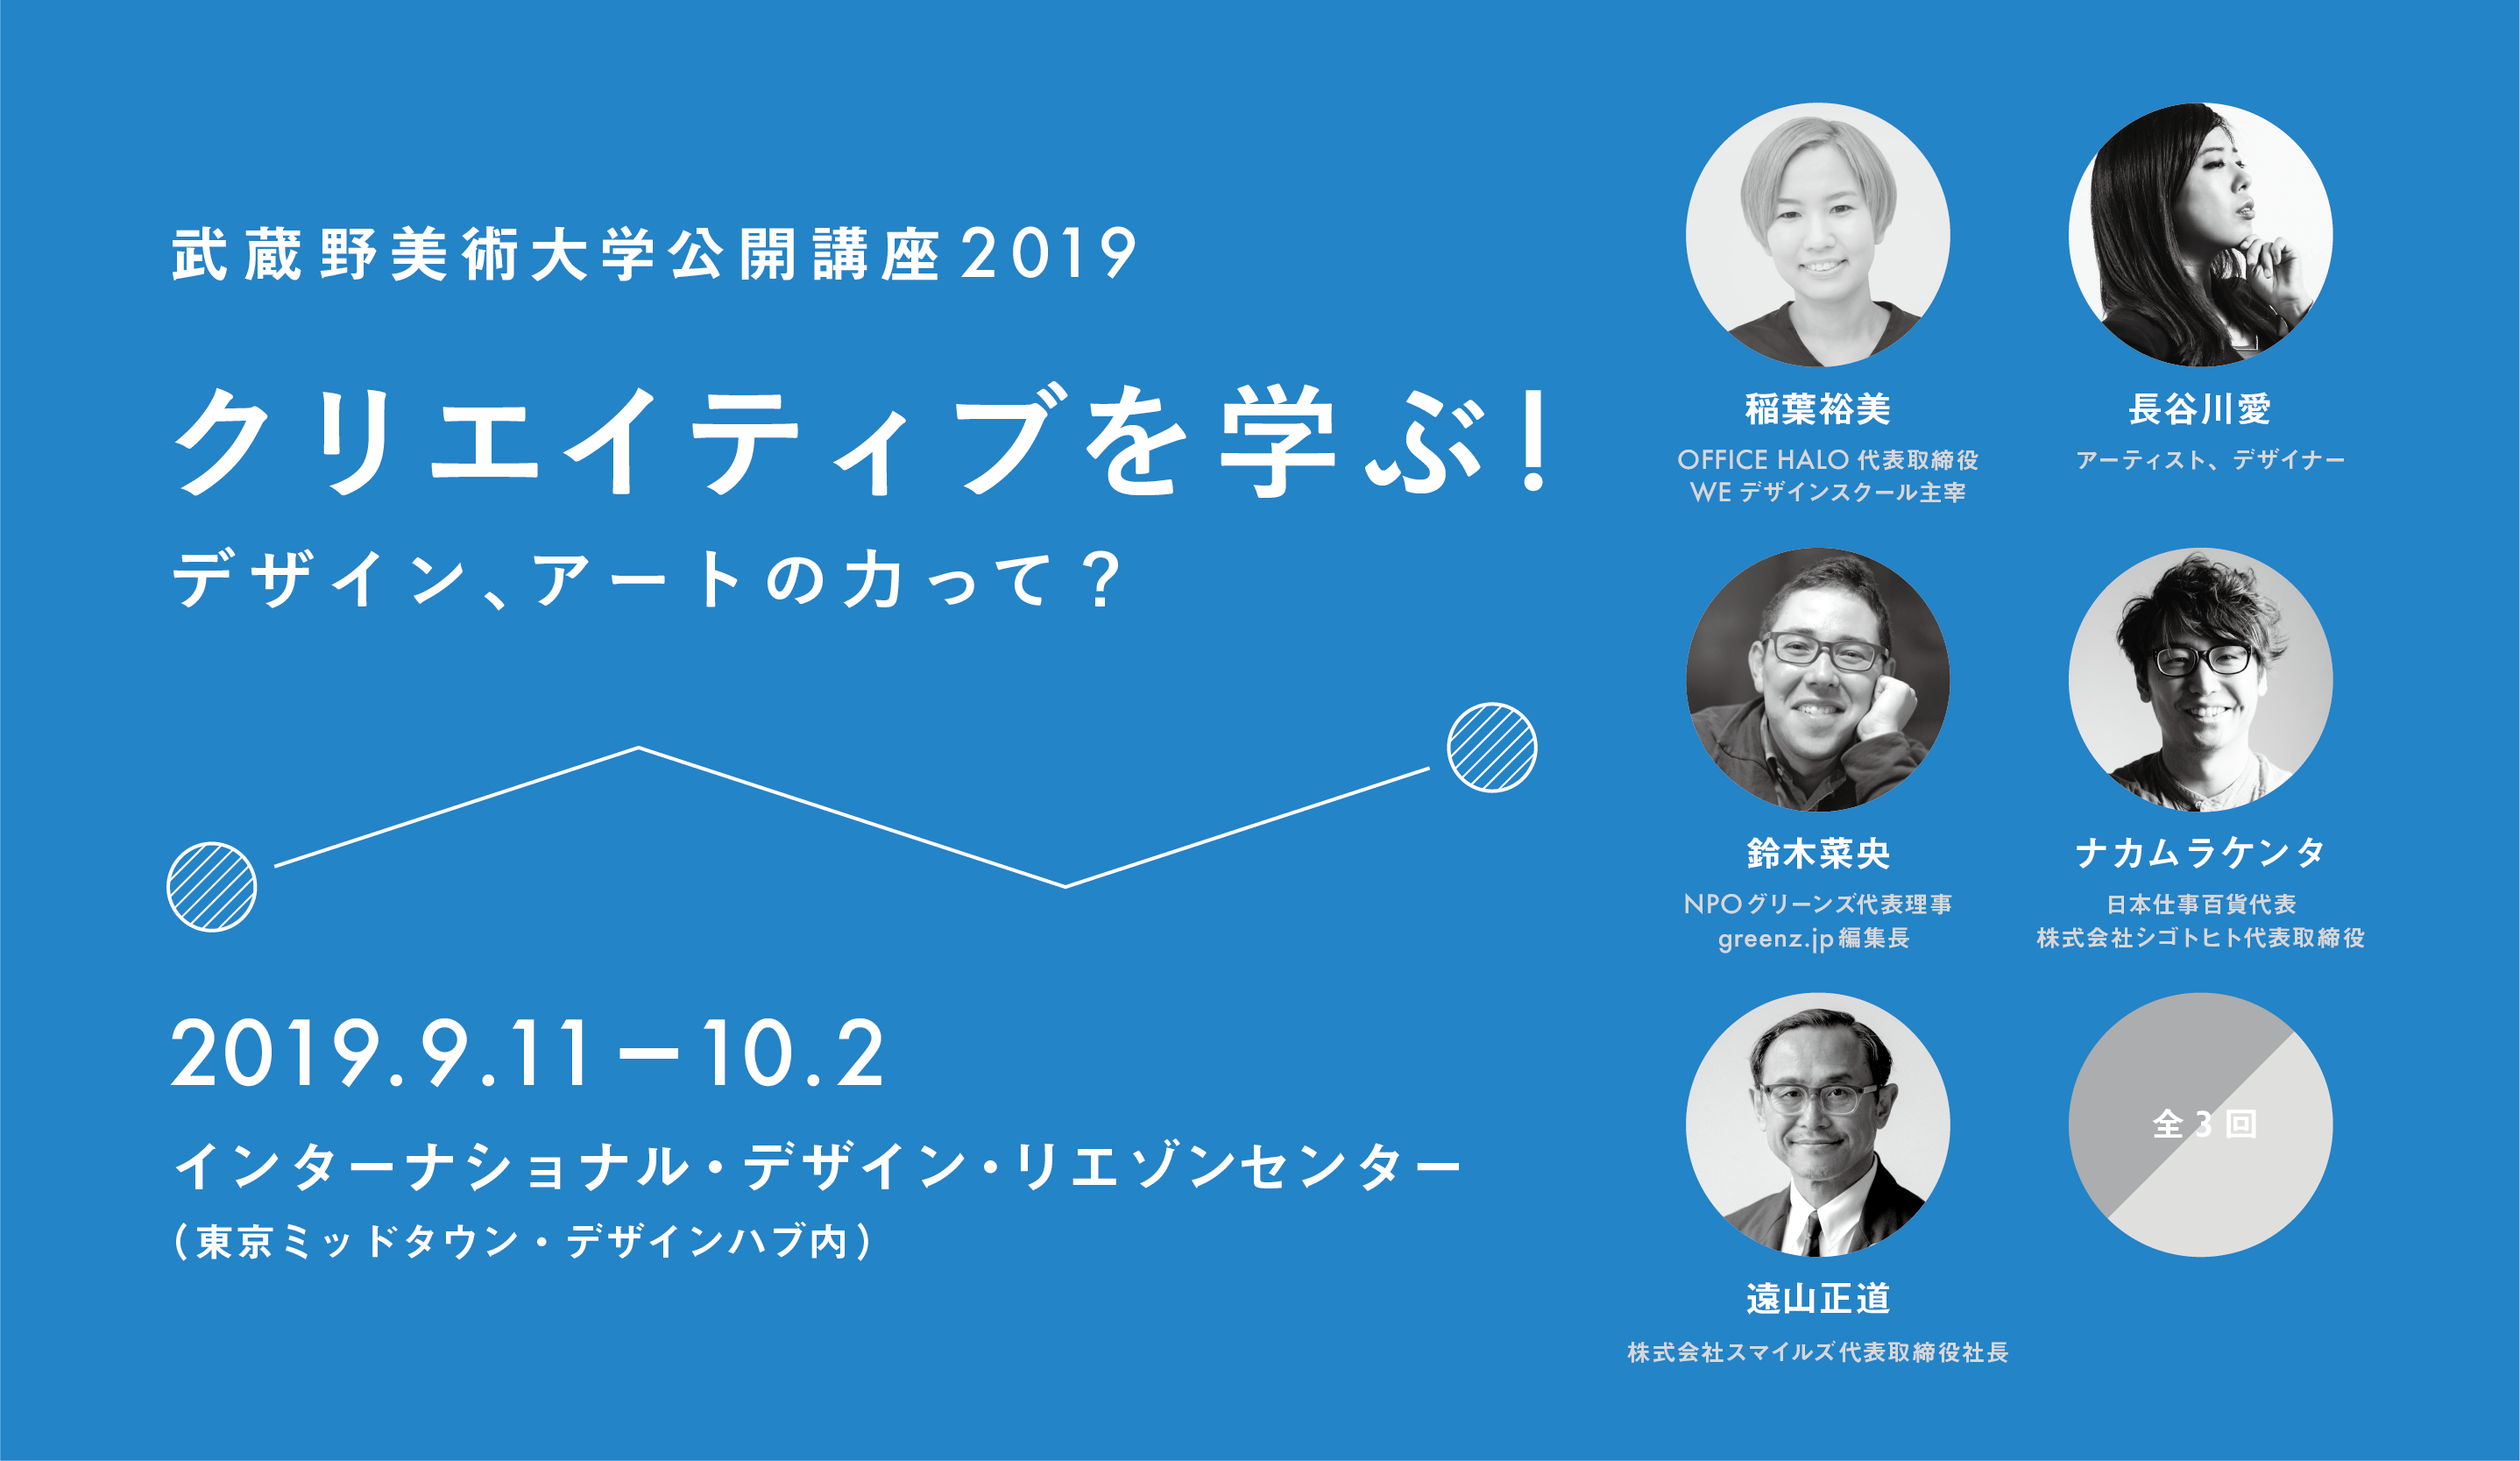 公開講座2019「クリエイティブを学ぶ!~デザイン、アートの力って?」